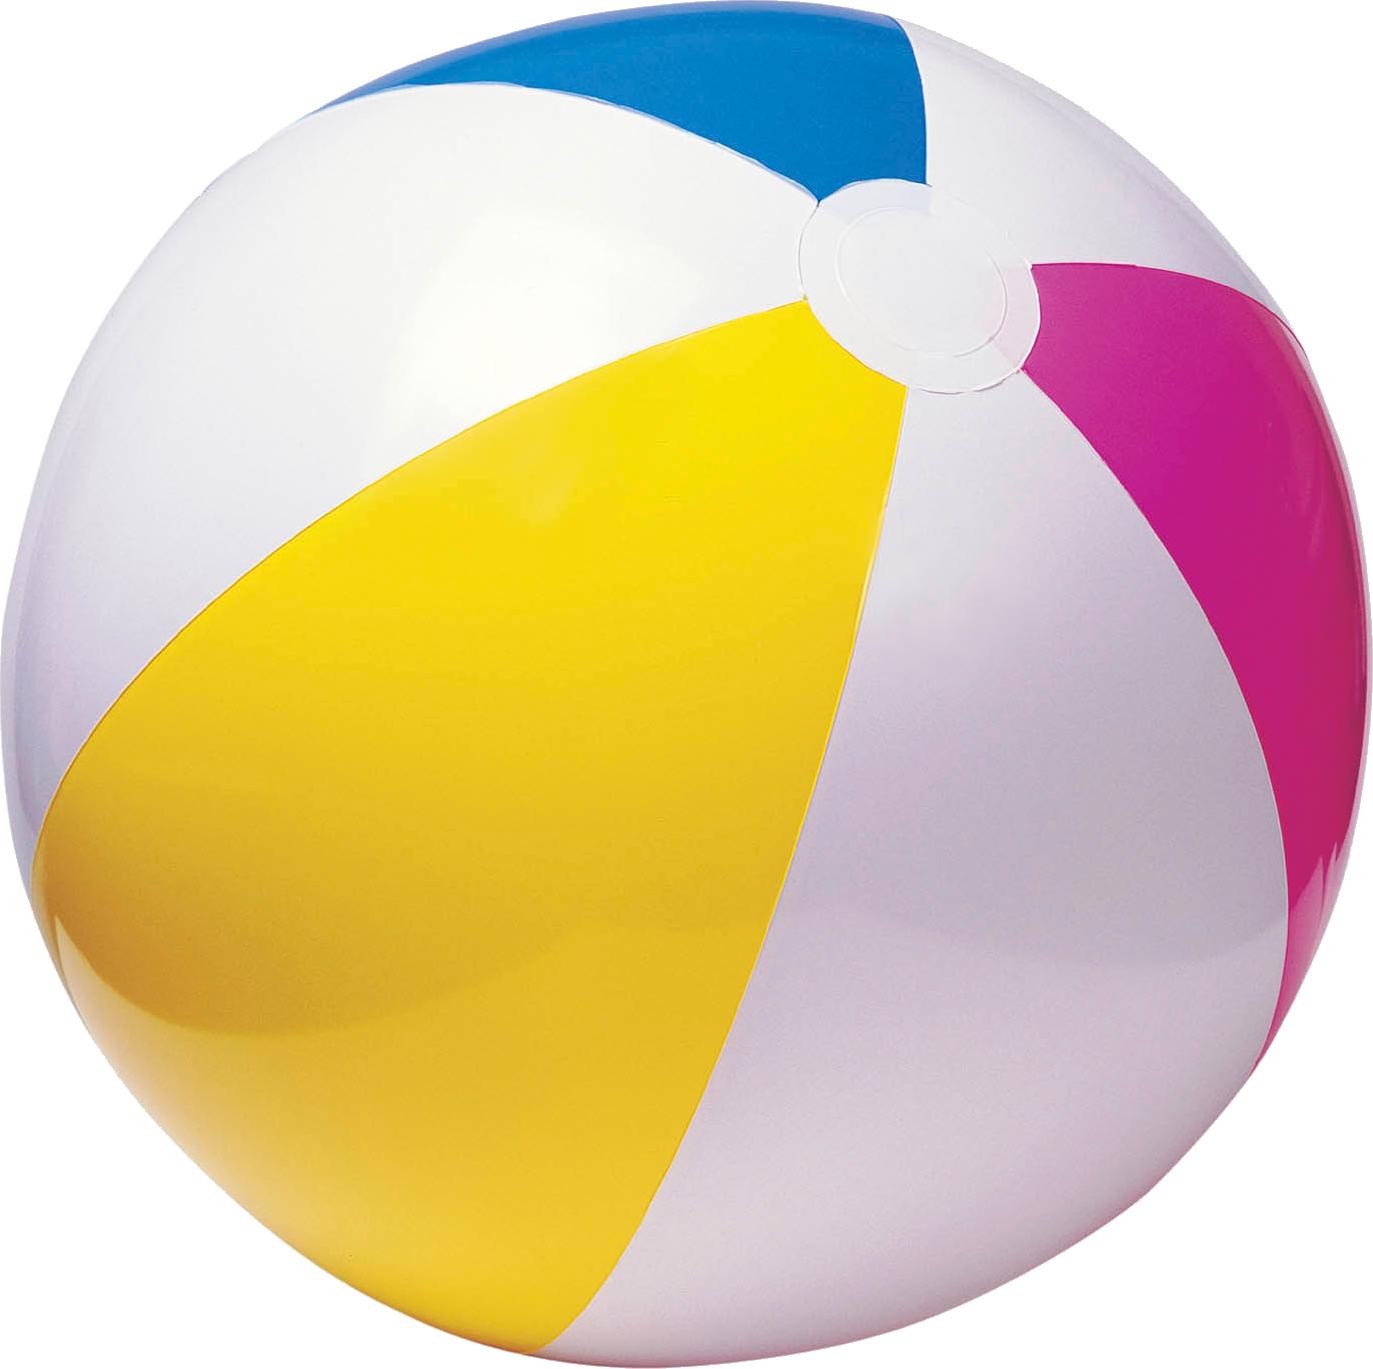 Похожие товары на: Мяч Intex История игрушек 58037.